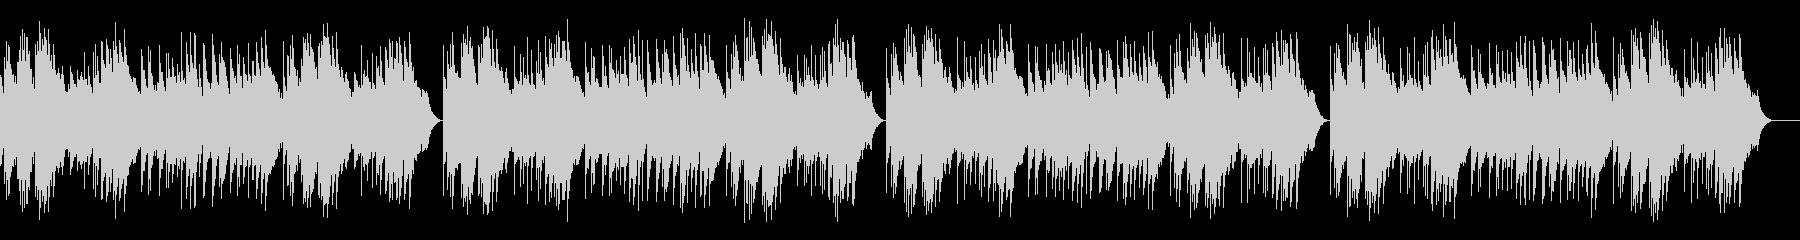 「カラスなぜなくの」オルゴールの未再生の波形